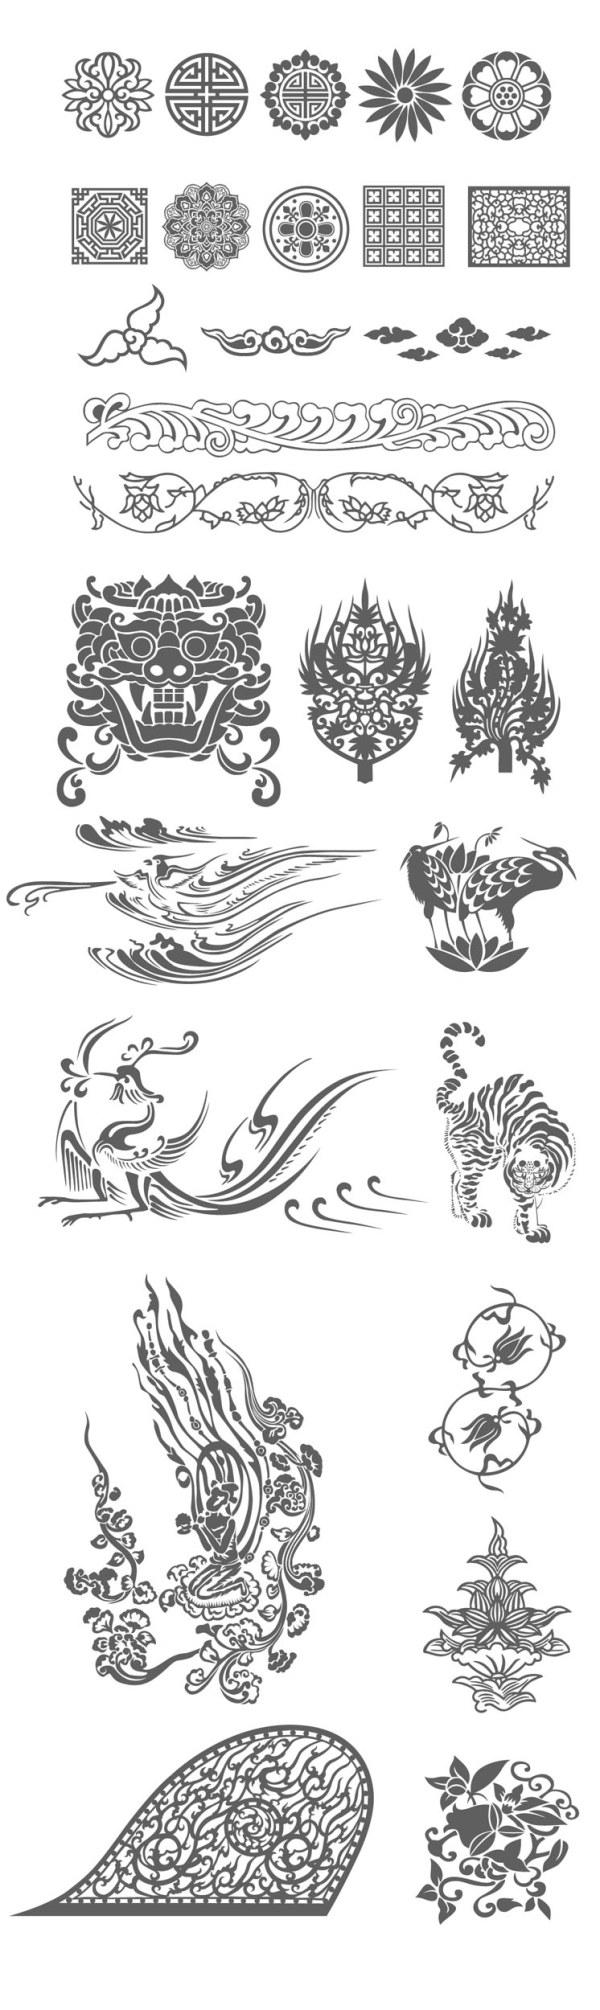 好看的花纹图案简笔画 中国风